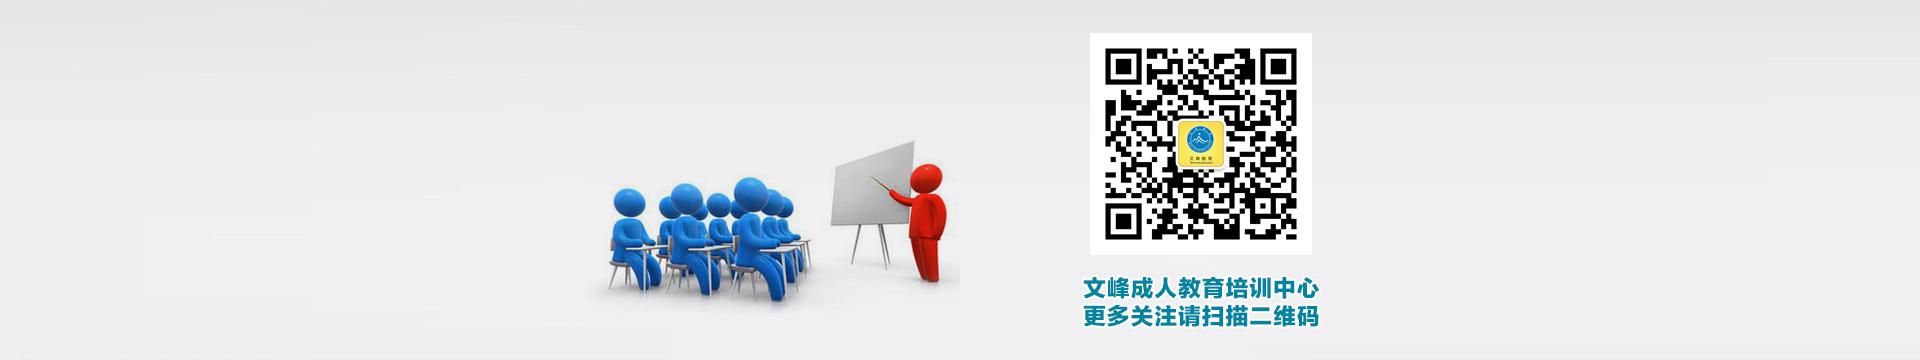 文峰成人教育培训中心